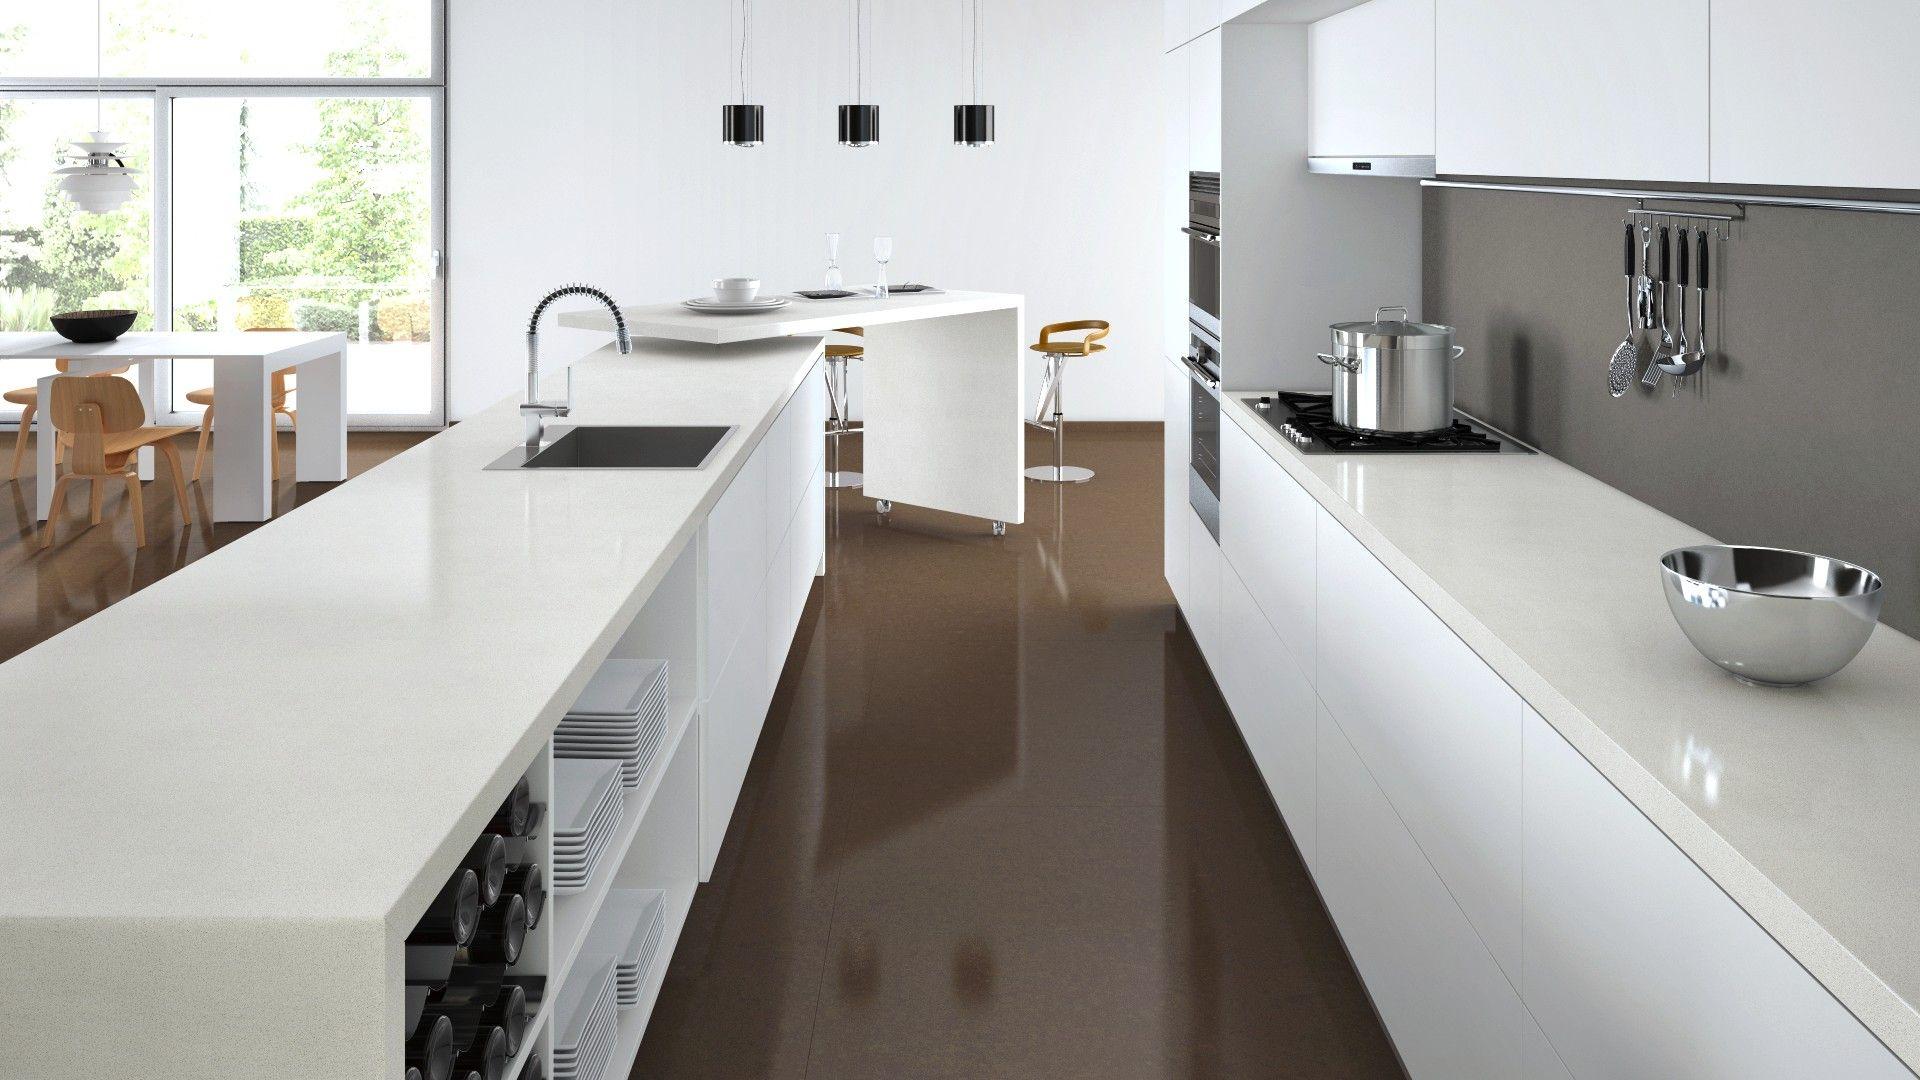 Caesarstone Visualizer - Ocean Foam bench top | Interior Design ...